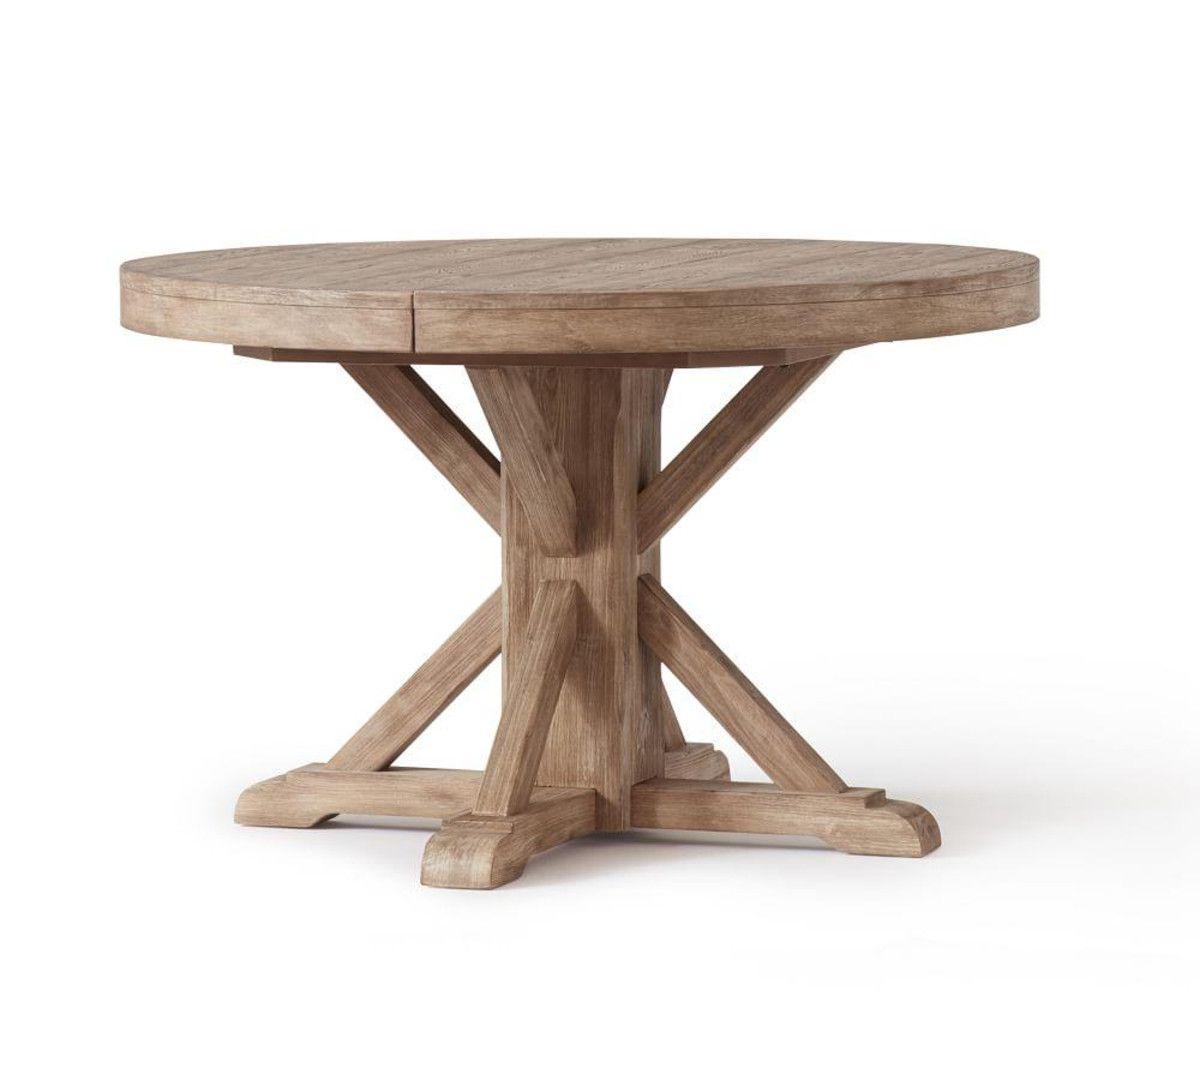 Seadrift Benchwright Extending Dining Tables Pertaining To Famous Benchwright Extending Round Table – Seadrift (View 3 of 25)